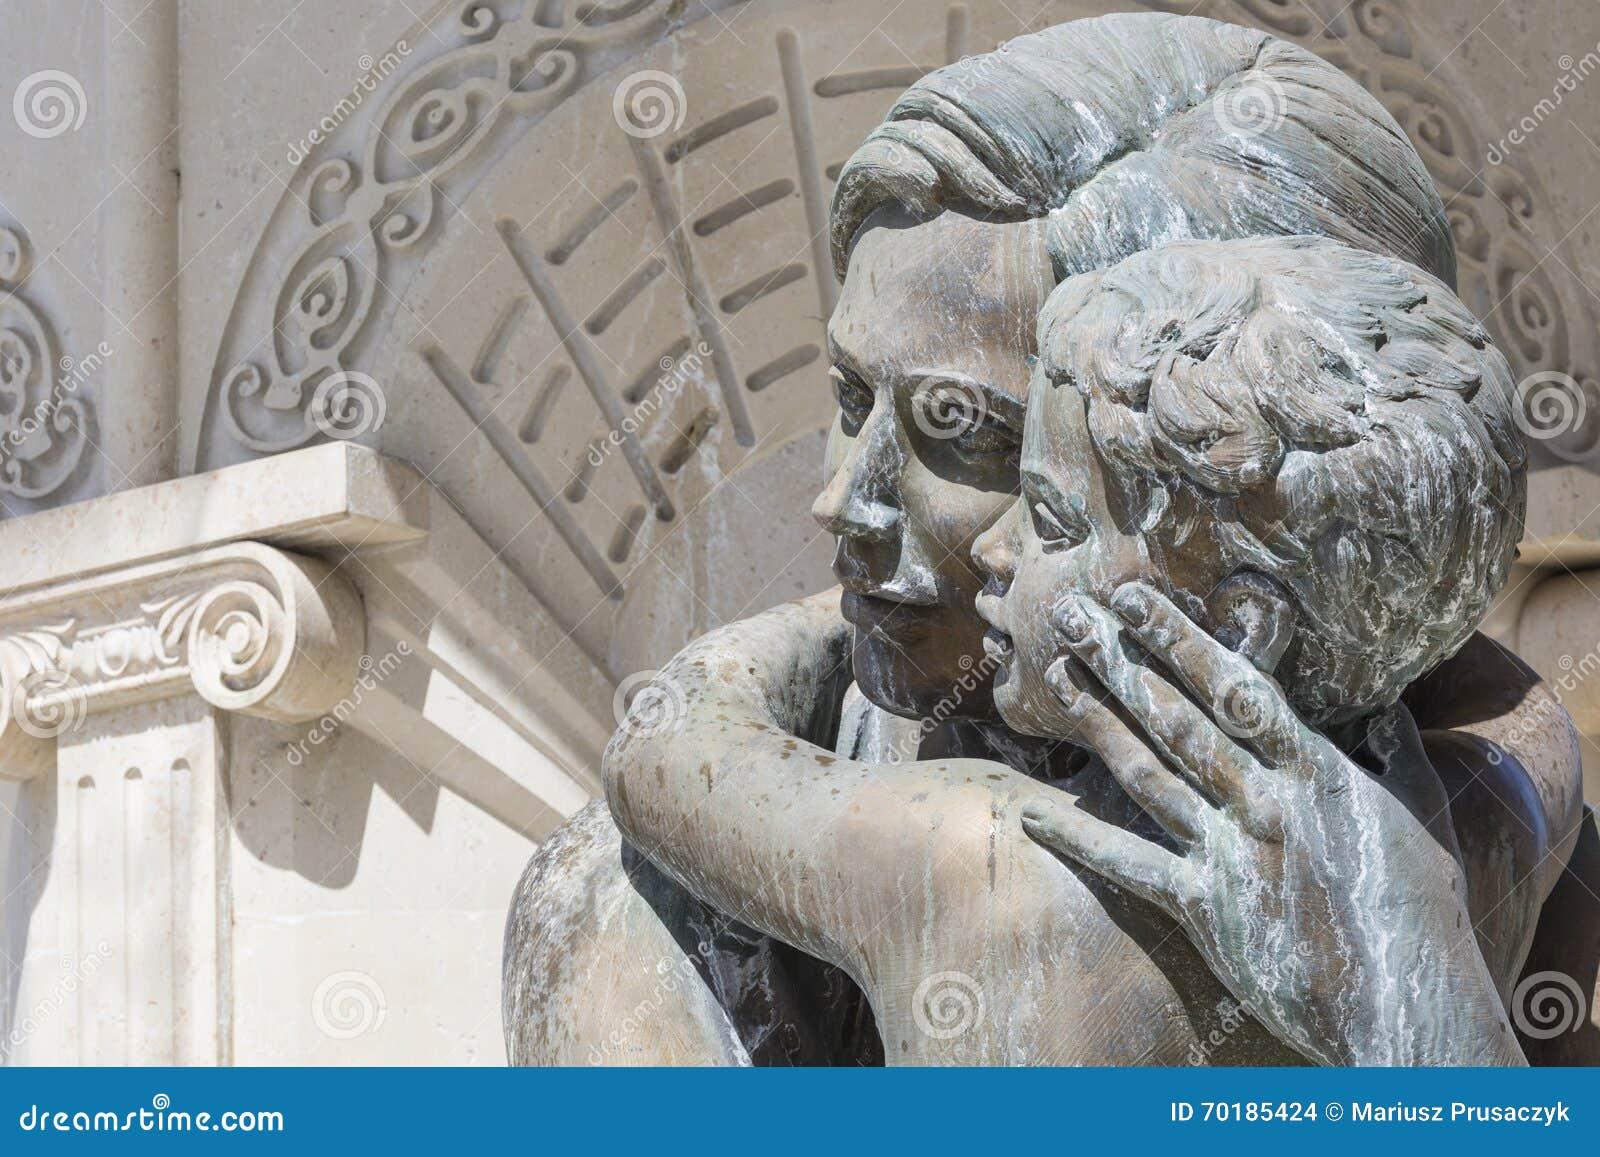 Stora skulpturer för vattenspringbrunn och bronsav vuxna människor och childre